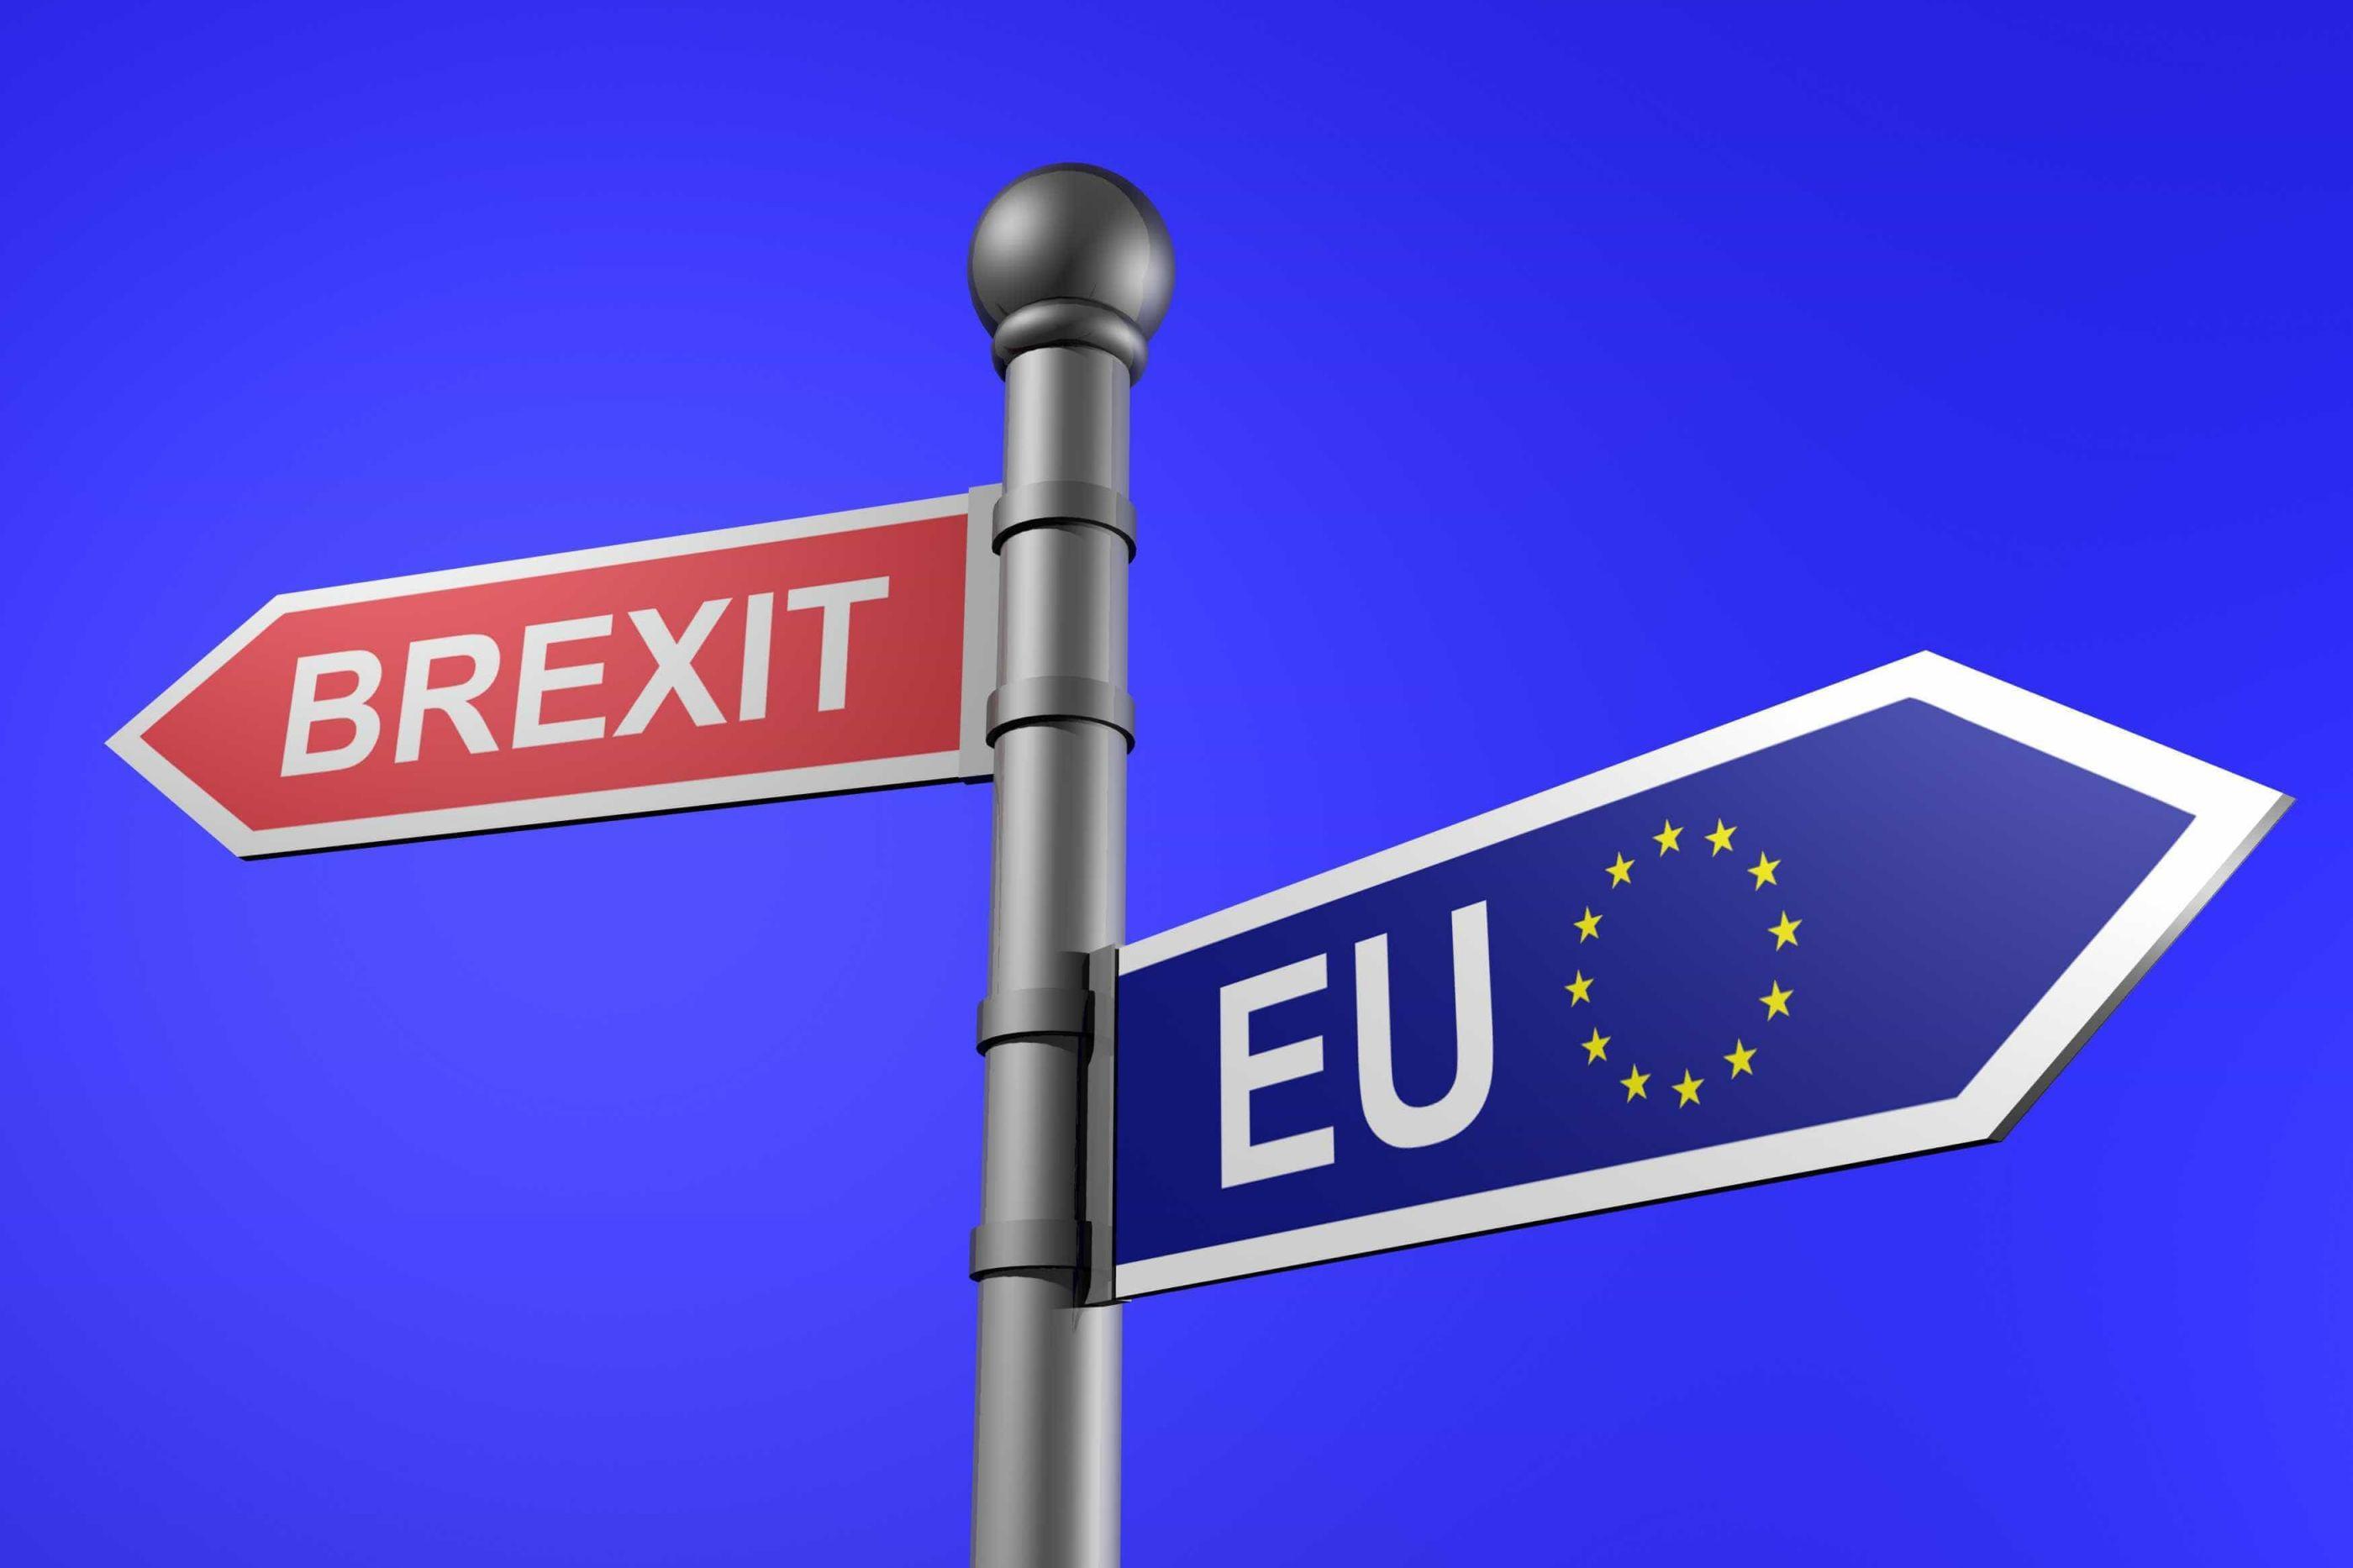 Brexit: Consenso entre eurocéticos e euroentusiastas pode chumbar acordo